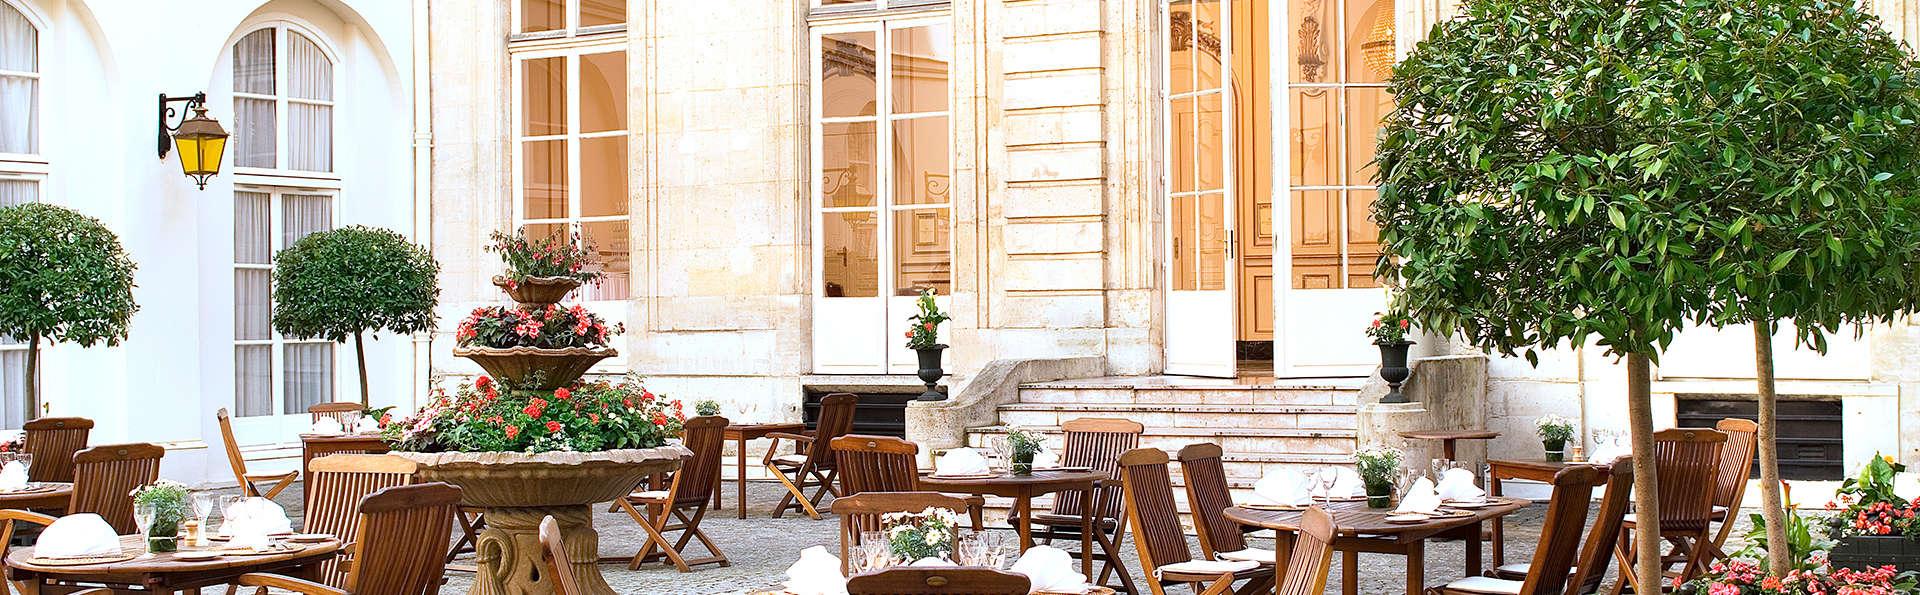 Week-end détente à Paris